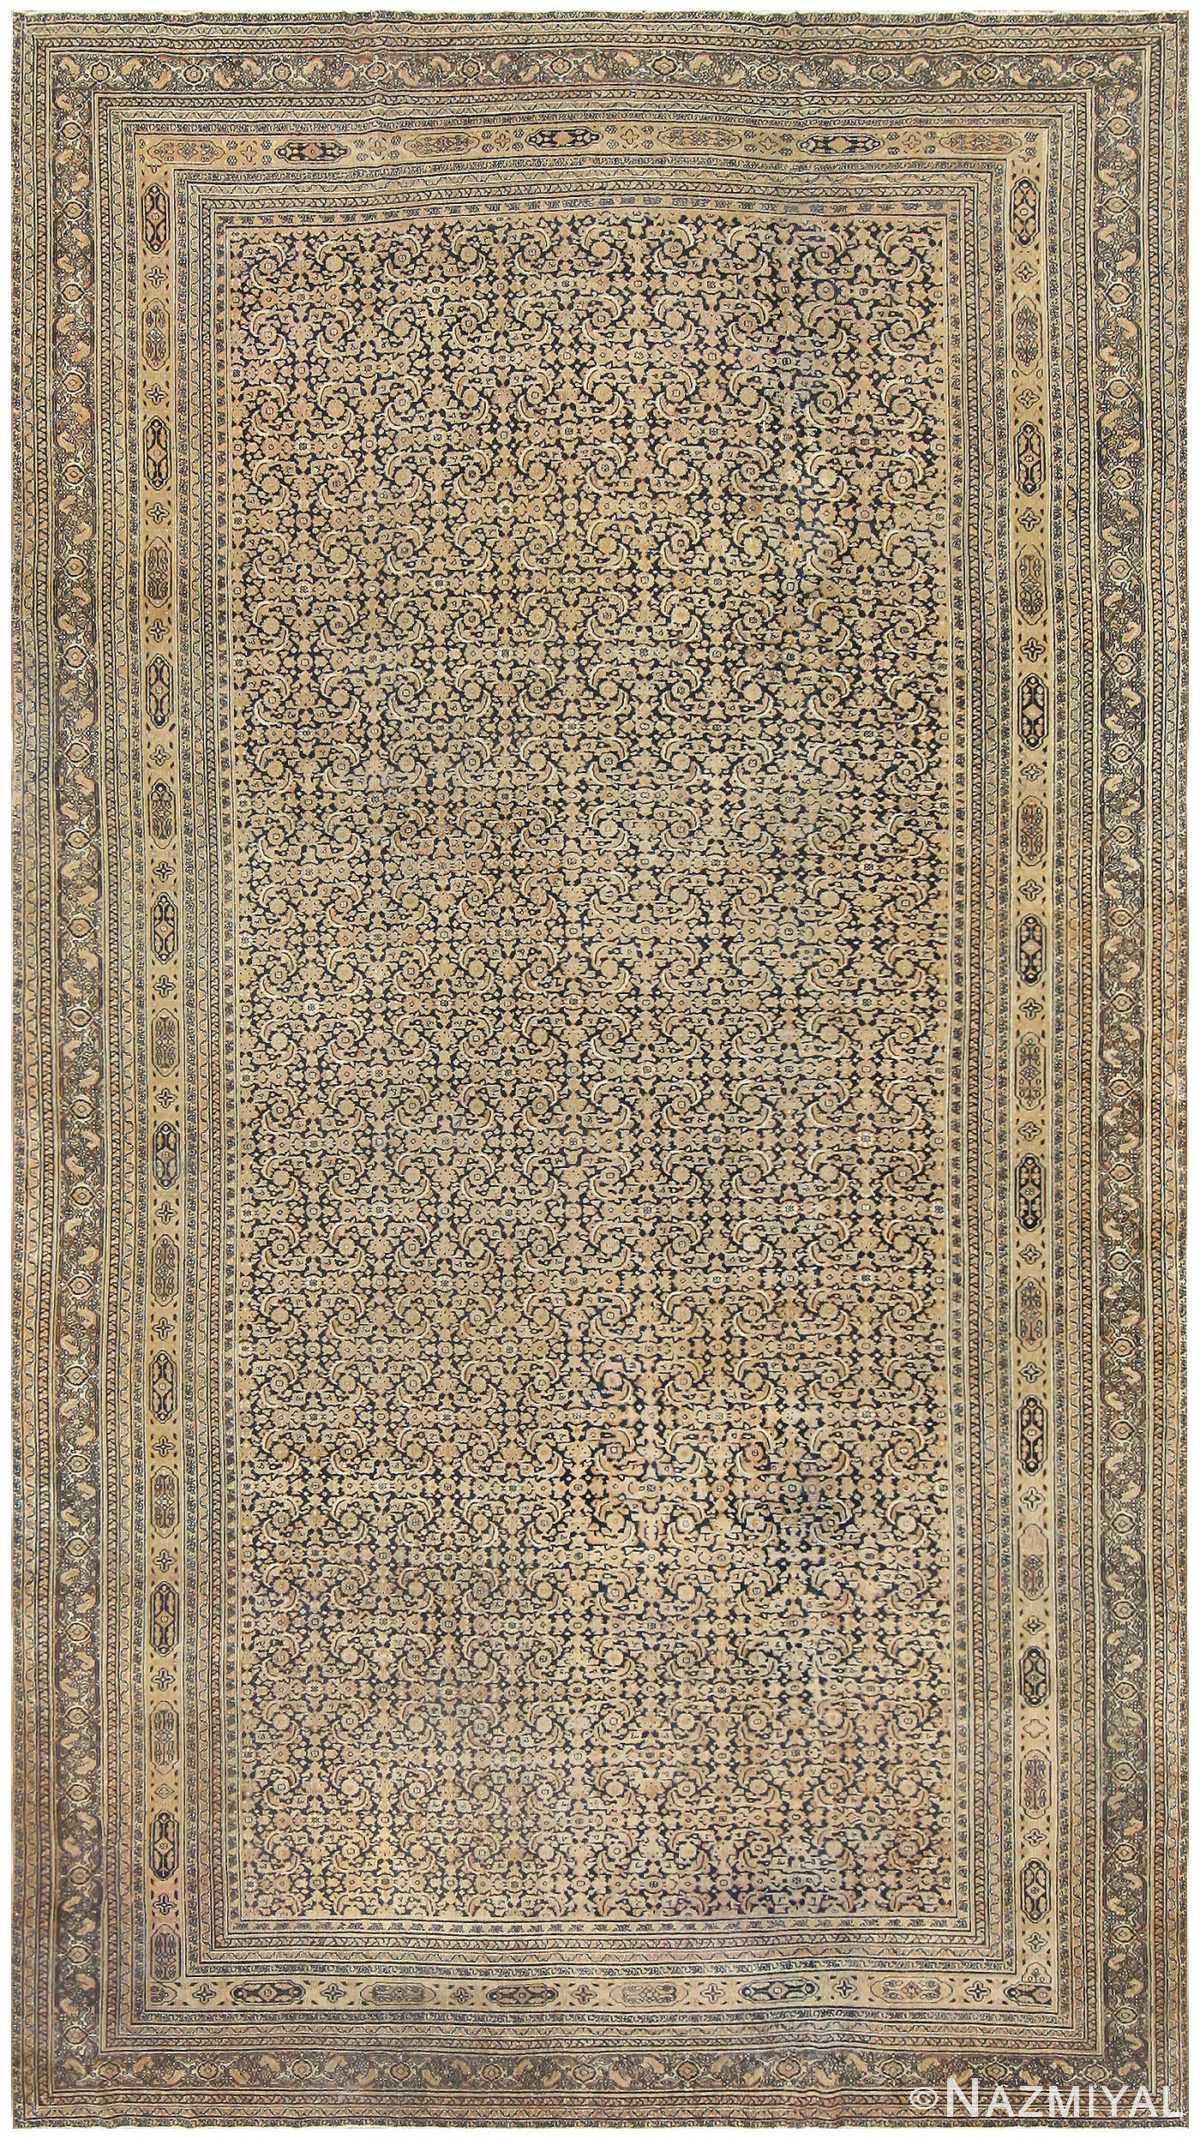 Antique Persian Khorassan Carpet 50091 Detail/Large View